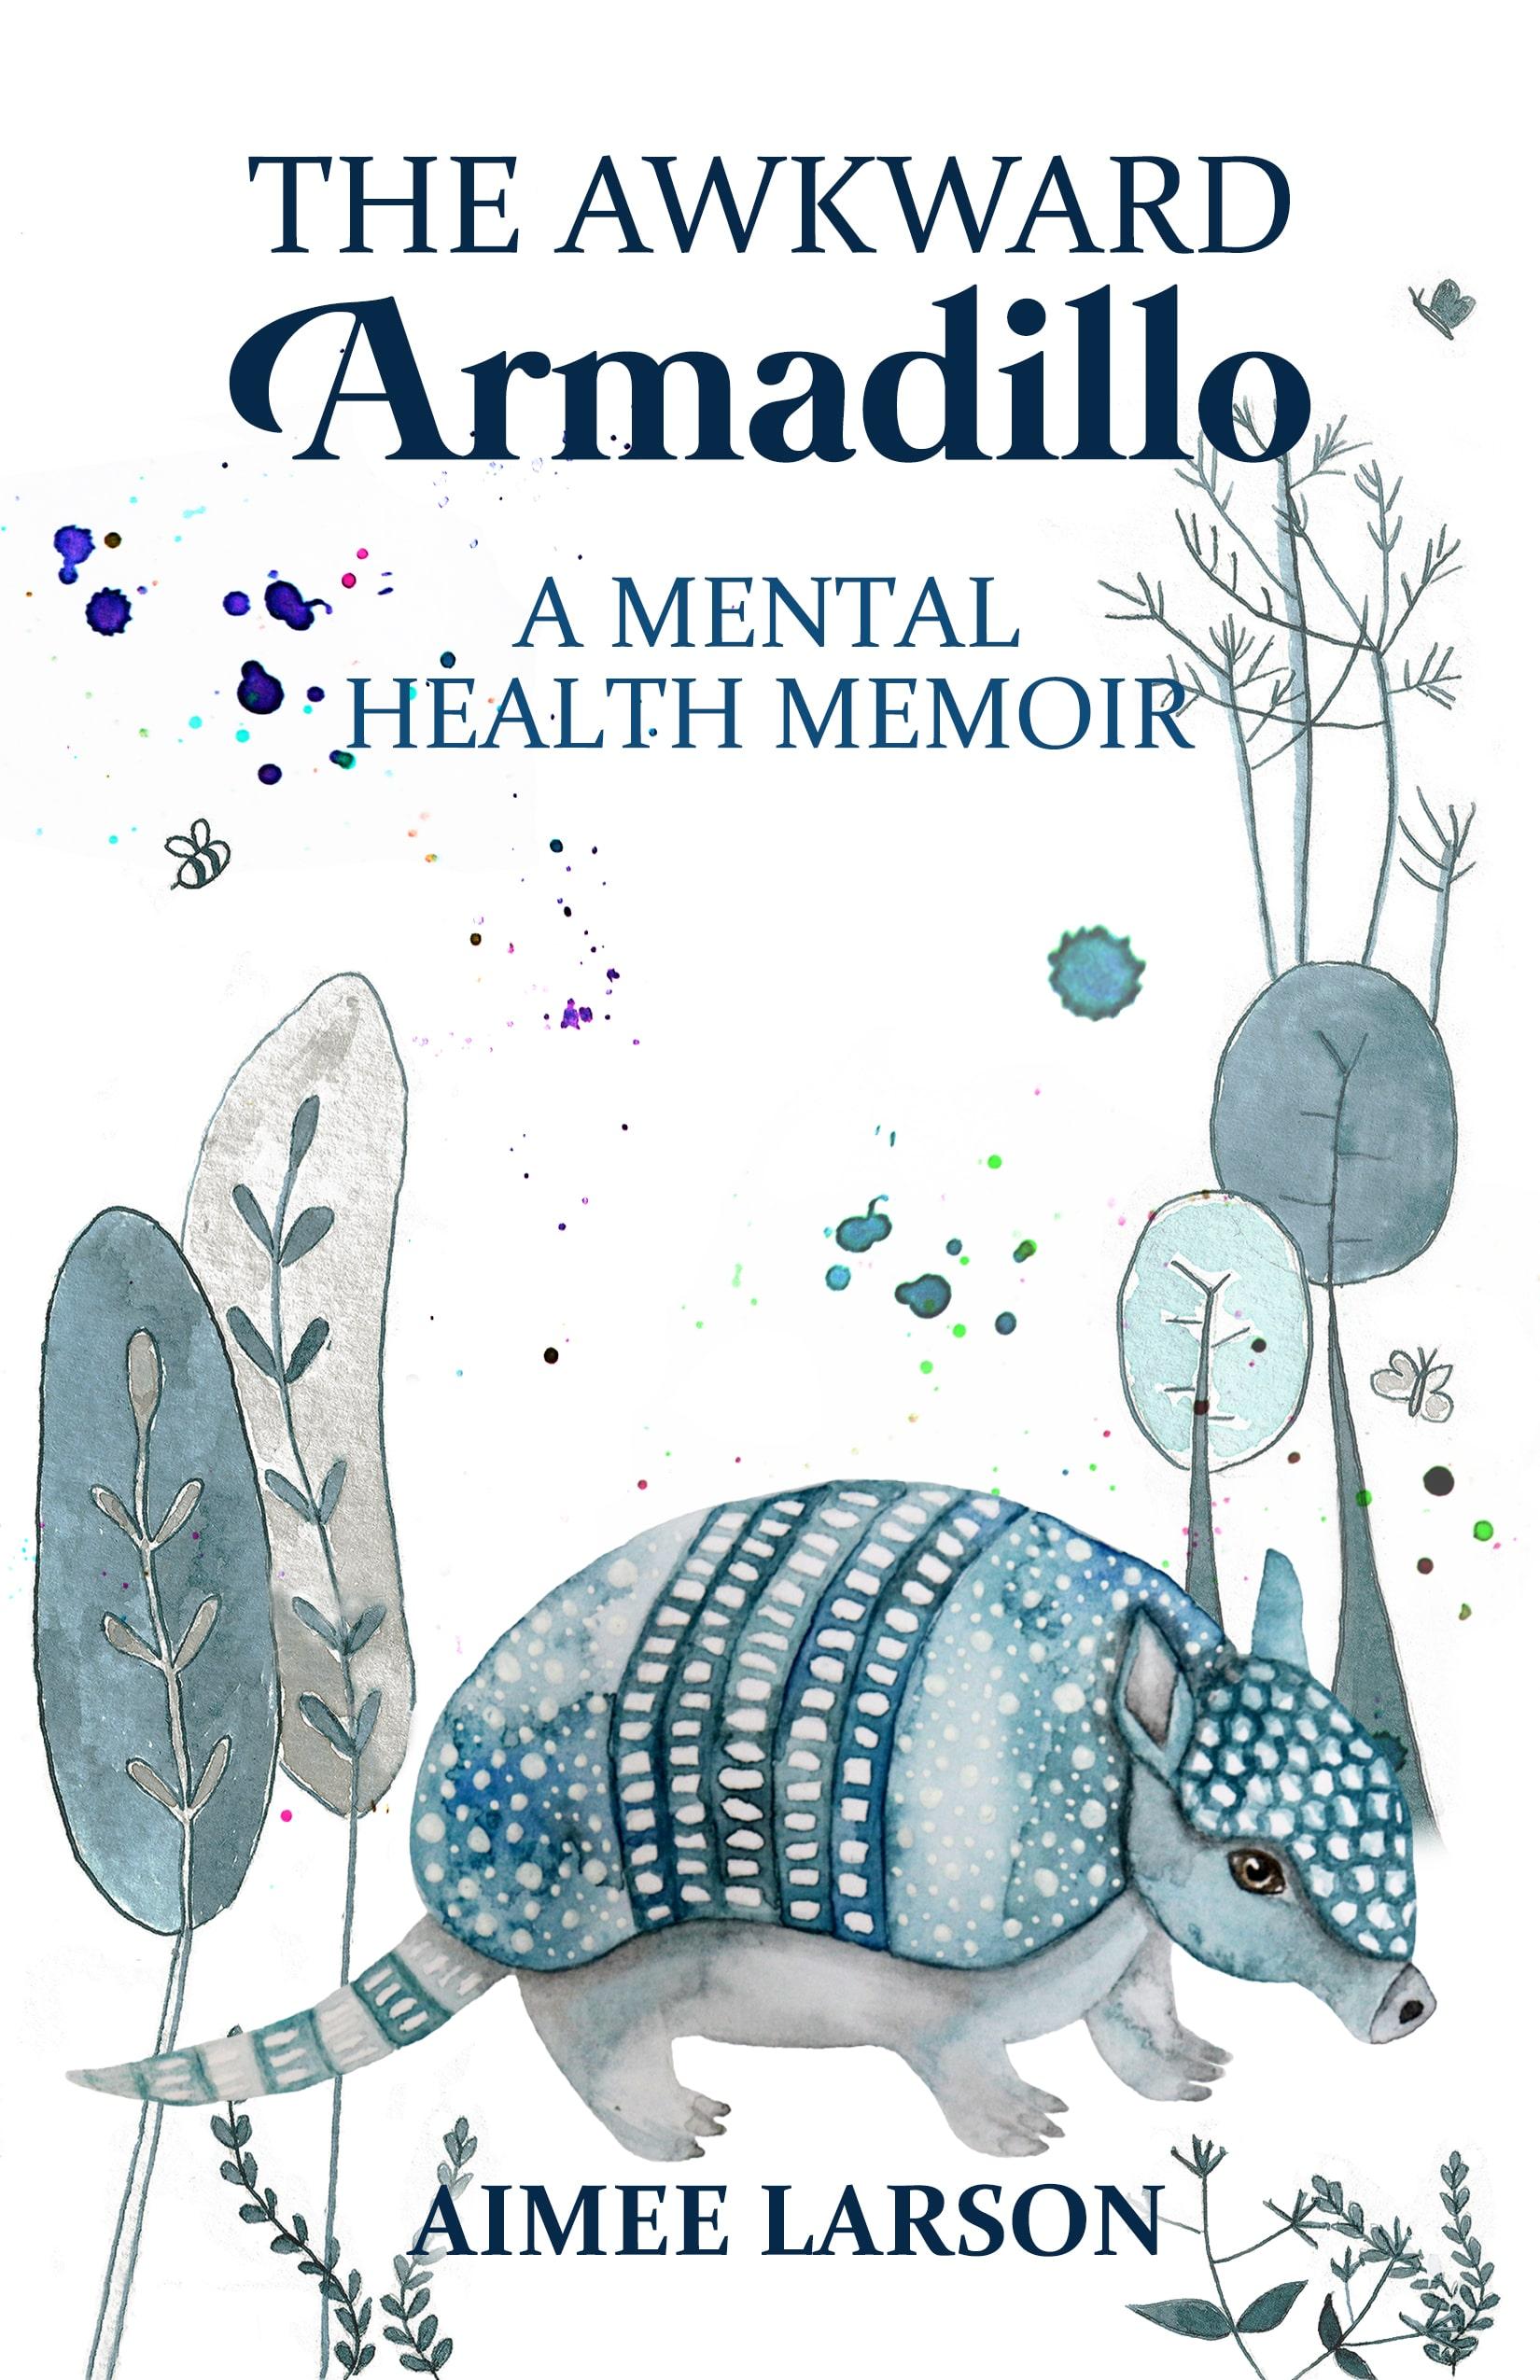 The Awkward Armadillo: A Mental Health Memoir